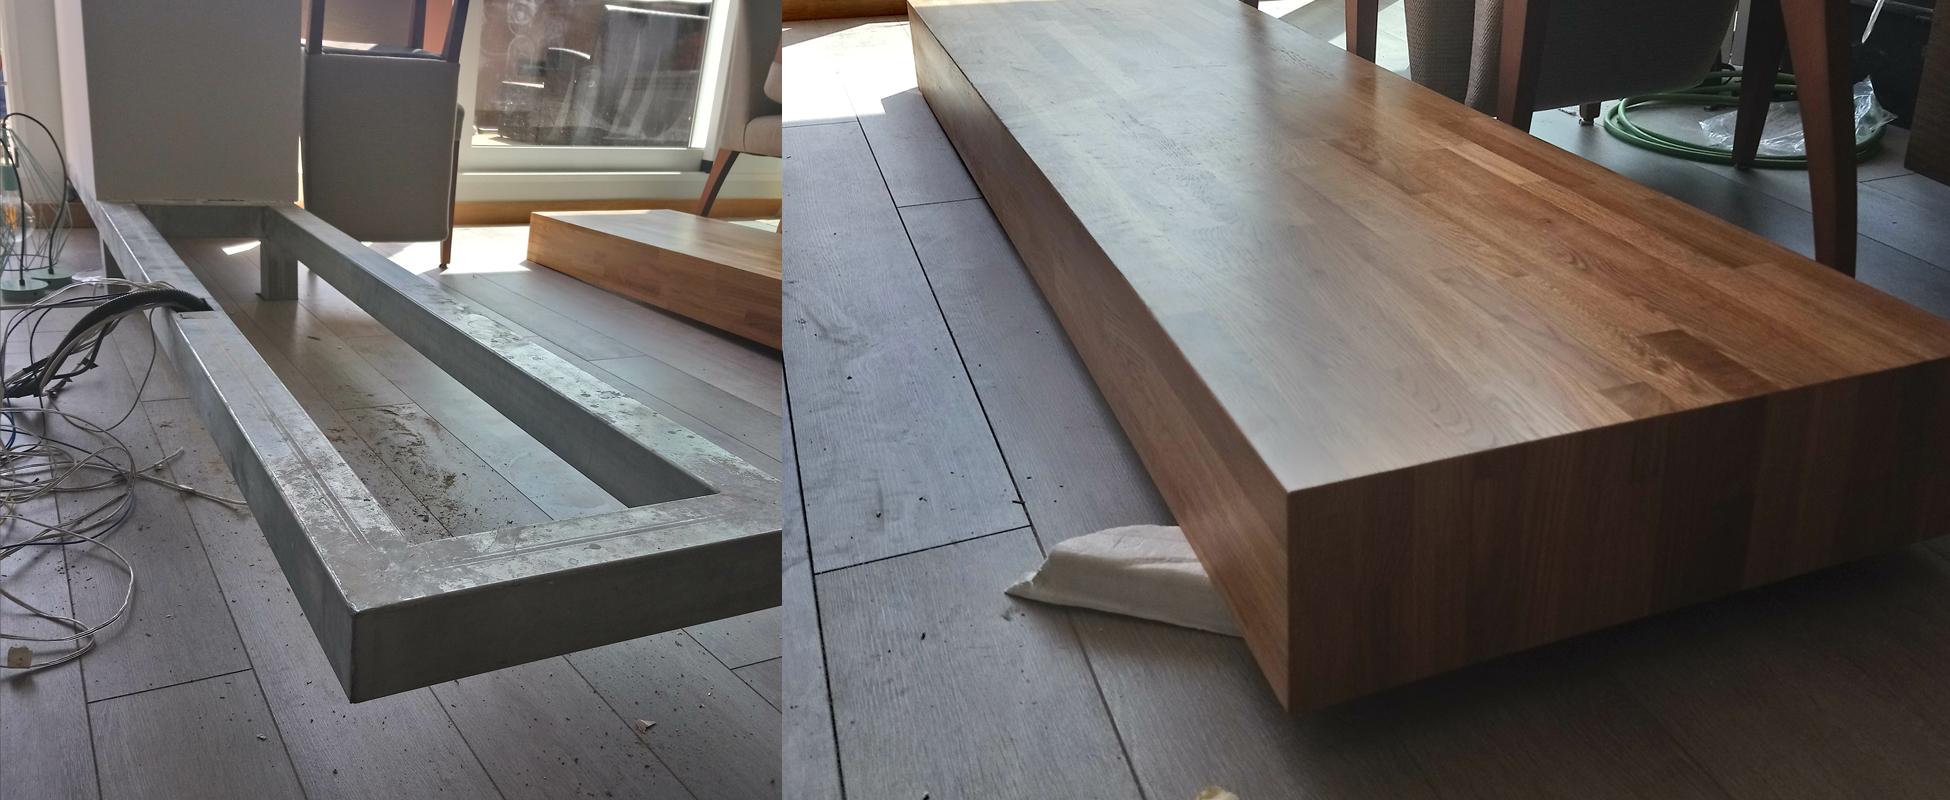 Diseño de mobiliario | GP Creative Thinking